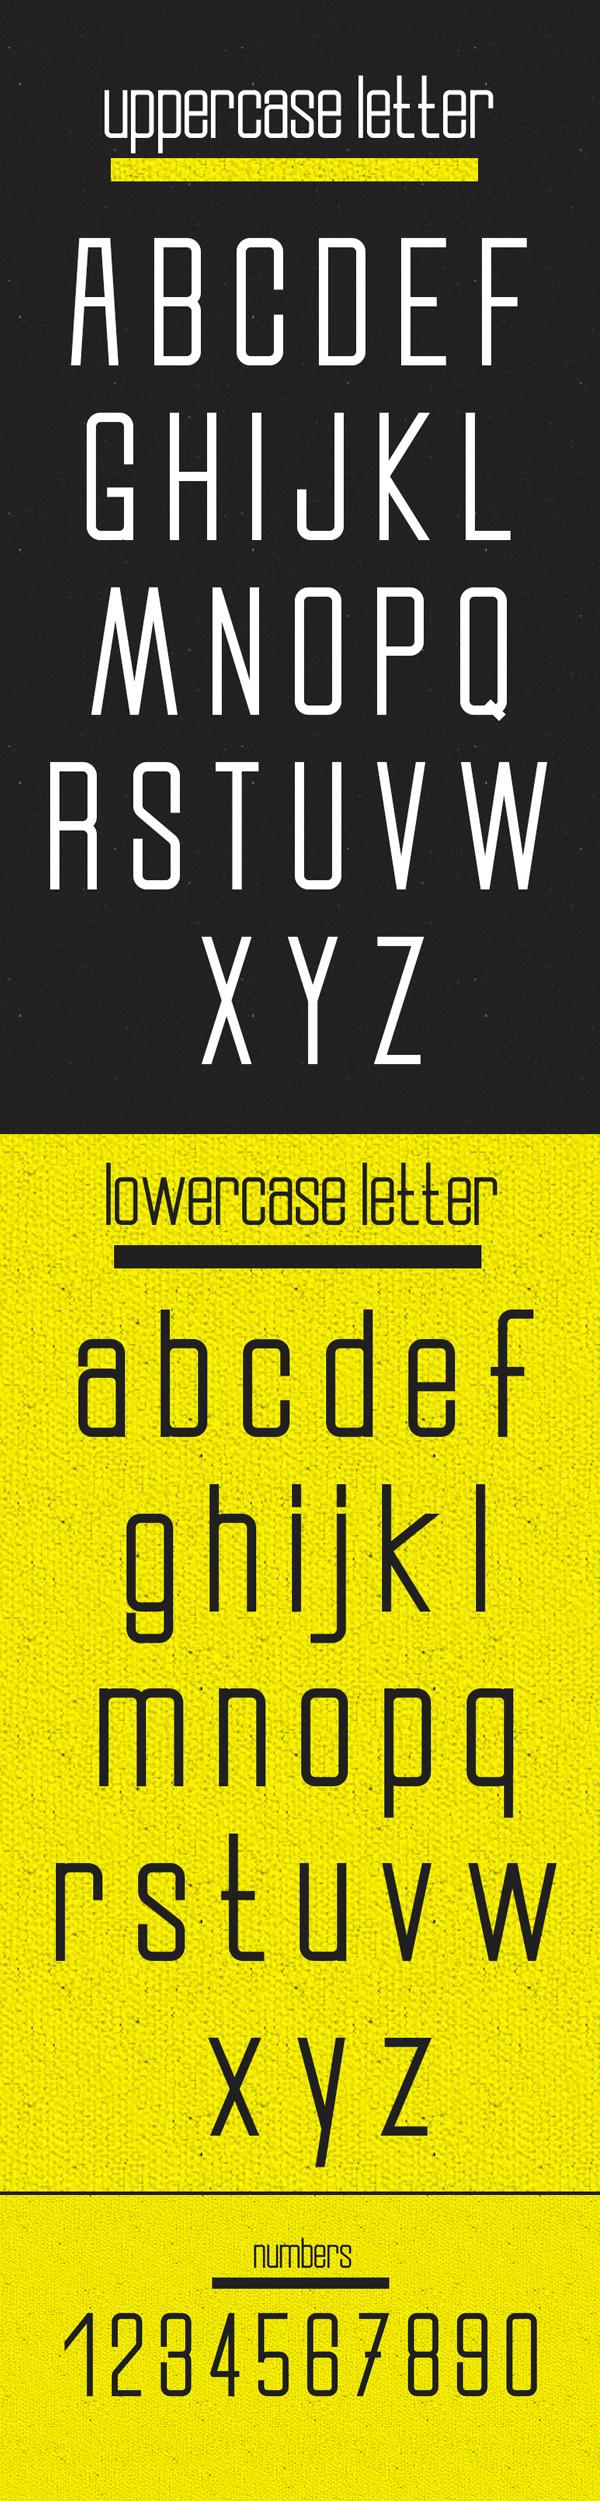 Slender Free Font Letters